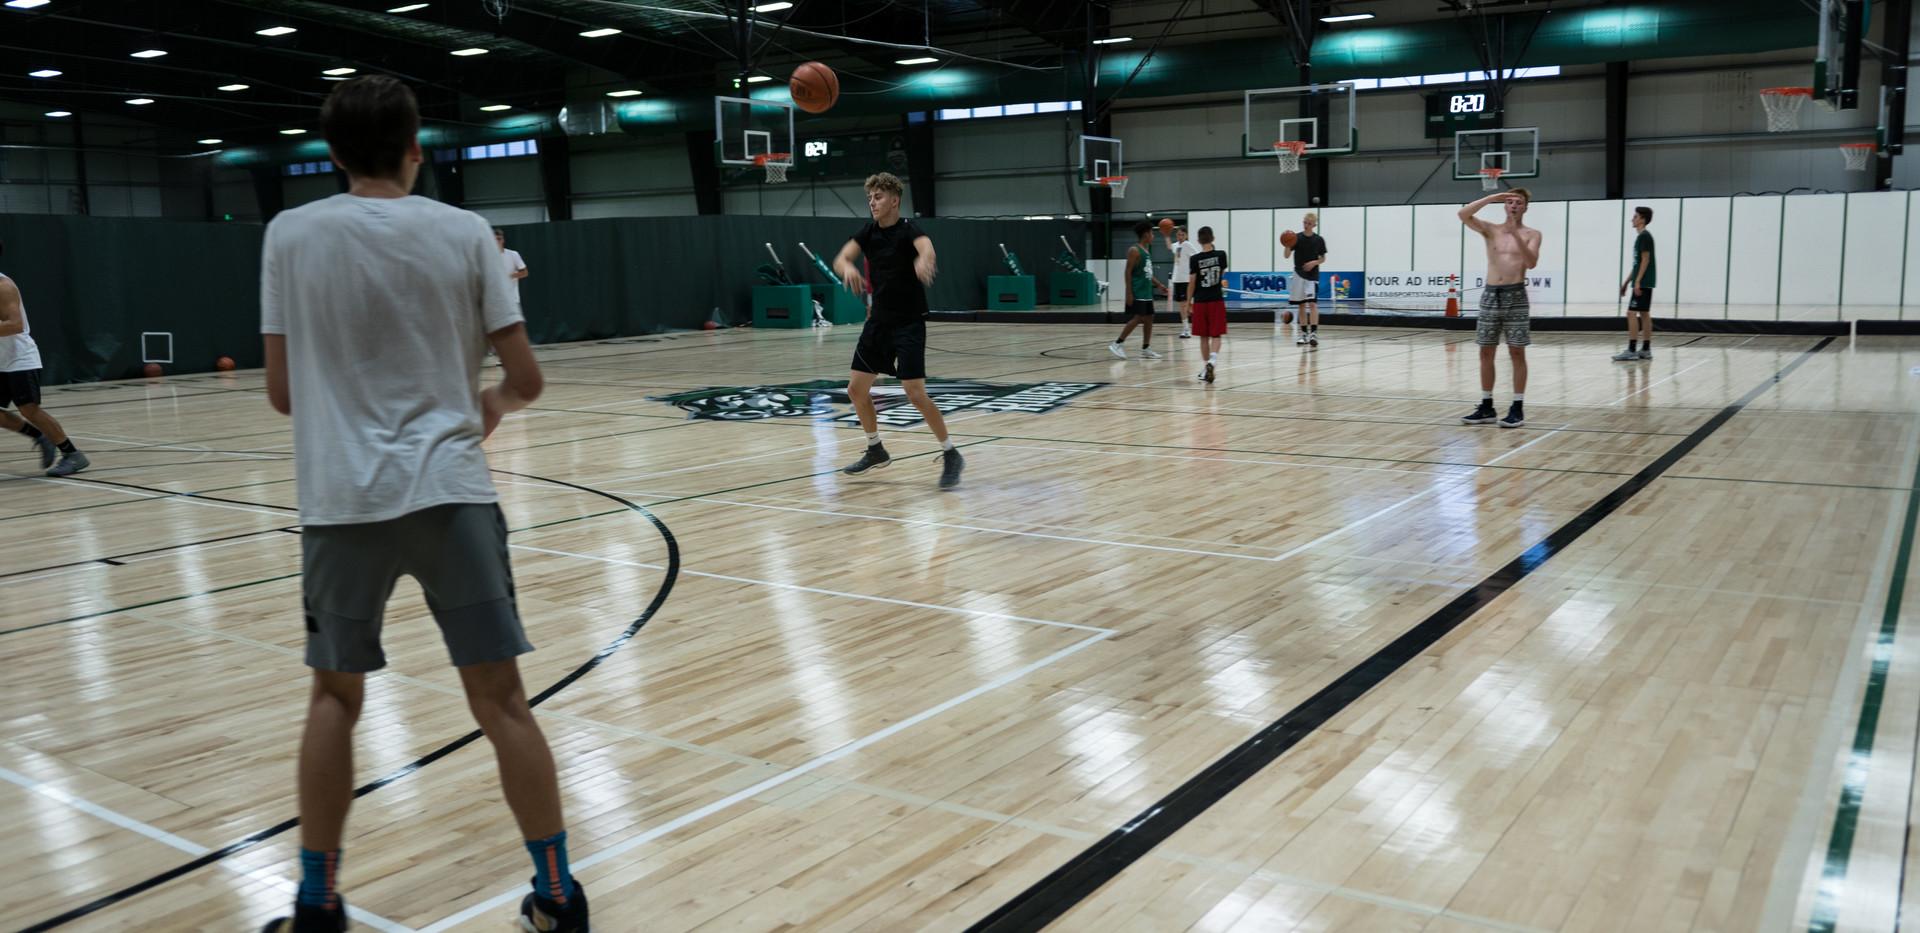 court2.jpg